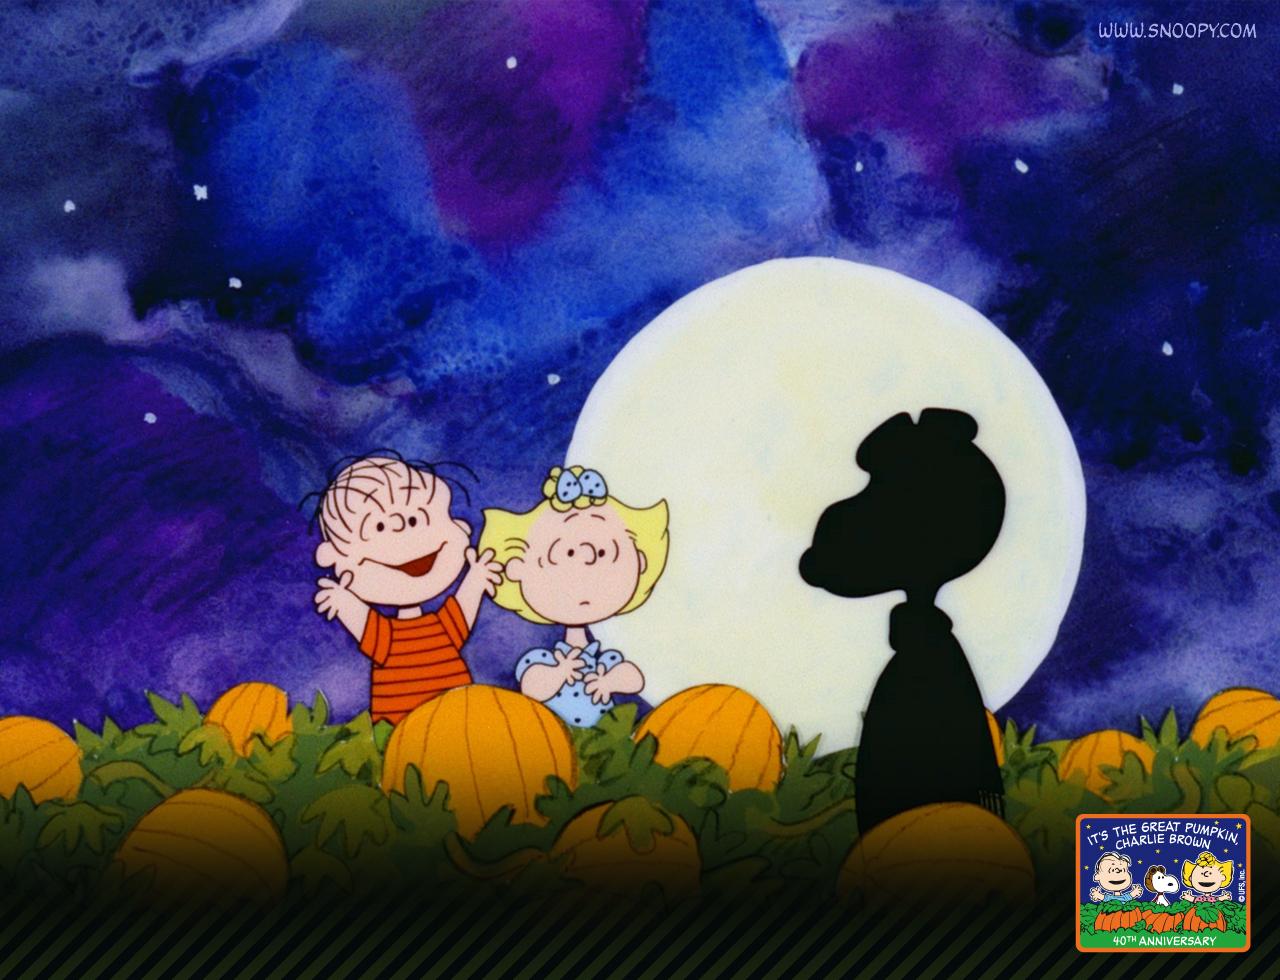 Wallpaper Charlie Brown Thanksgiving Wallpaper Halloween Screensavers 1280x980